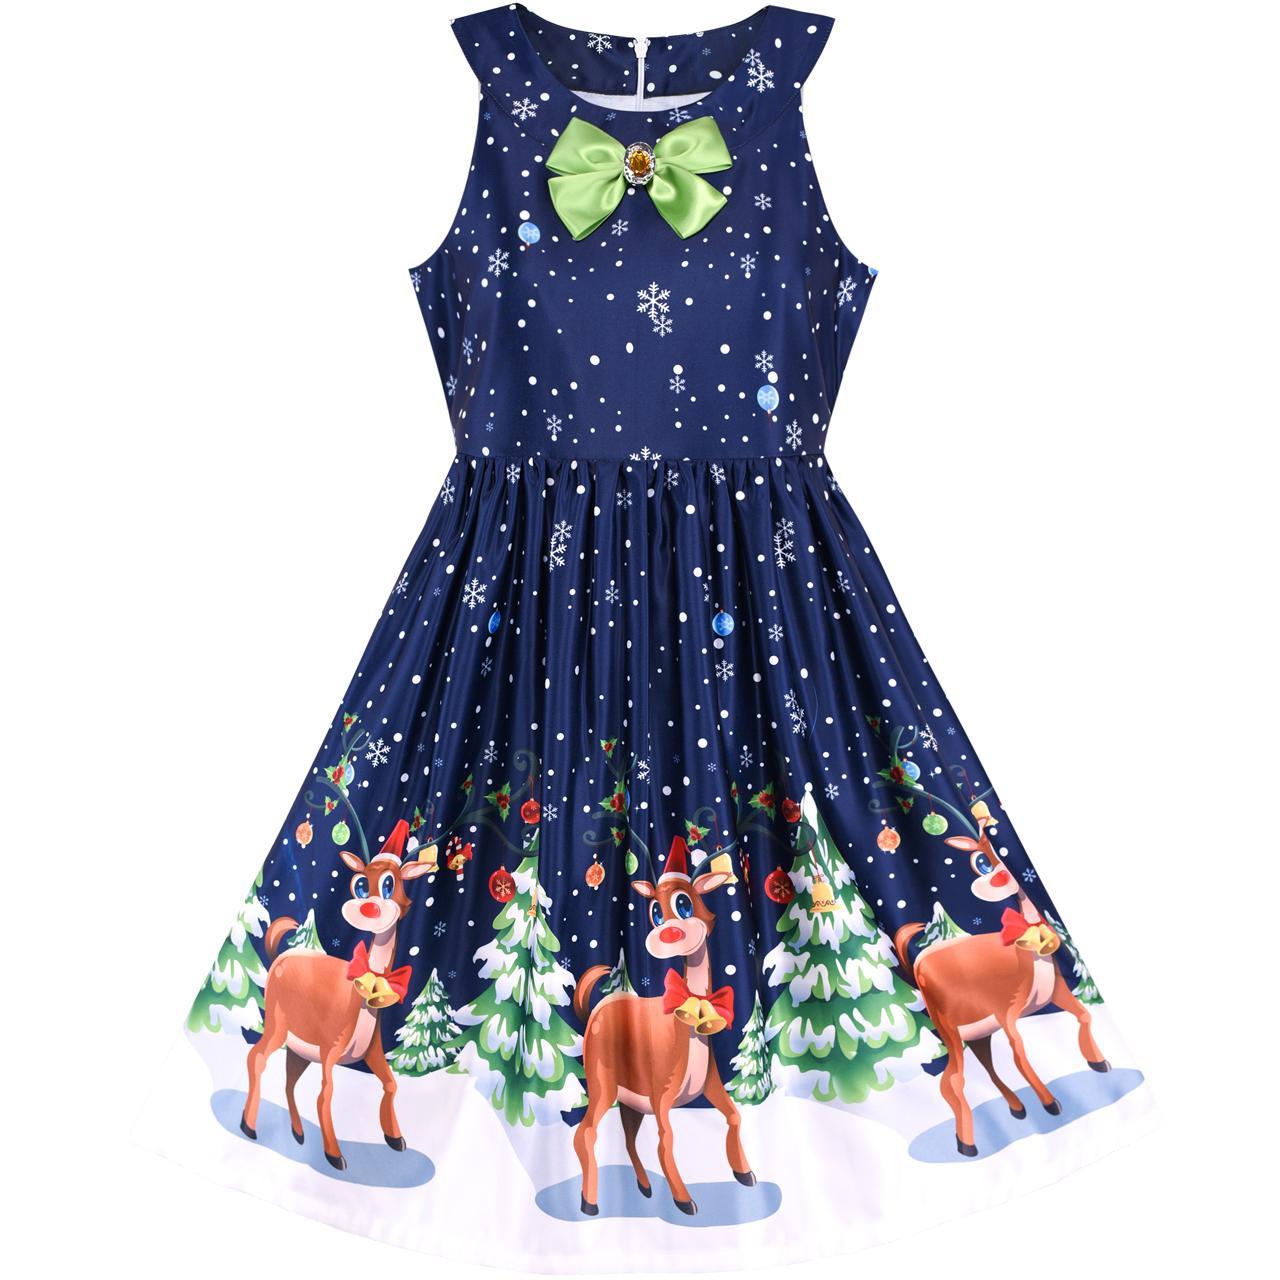 Sunny Fashion платья для девочек платье рождество Ева рождество Дерево Снег северный олень Вечеринка